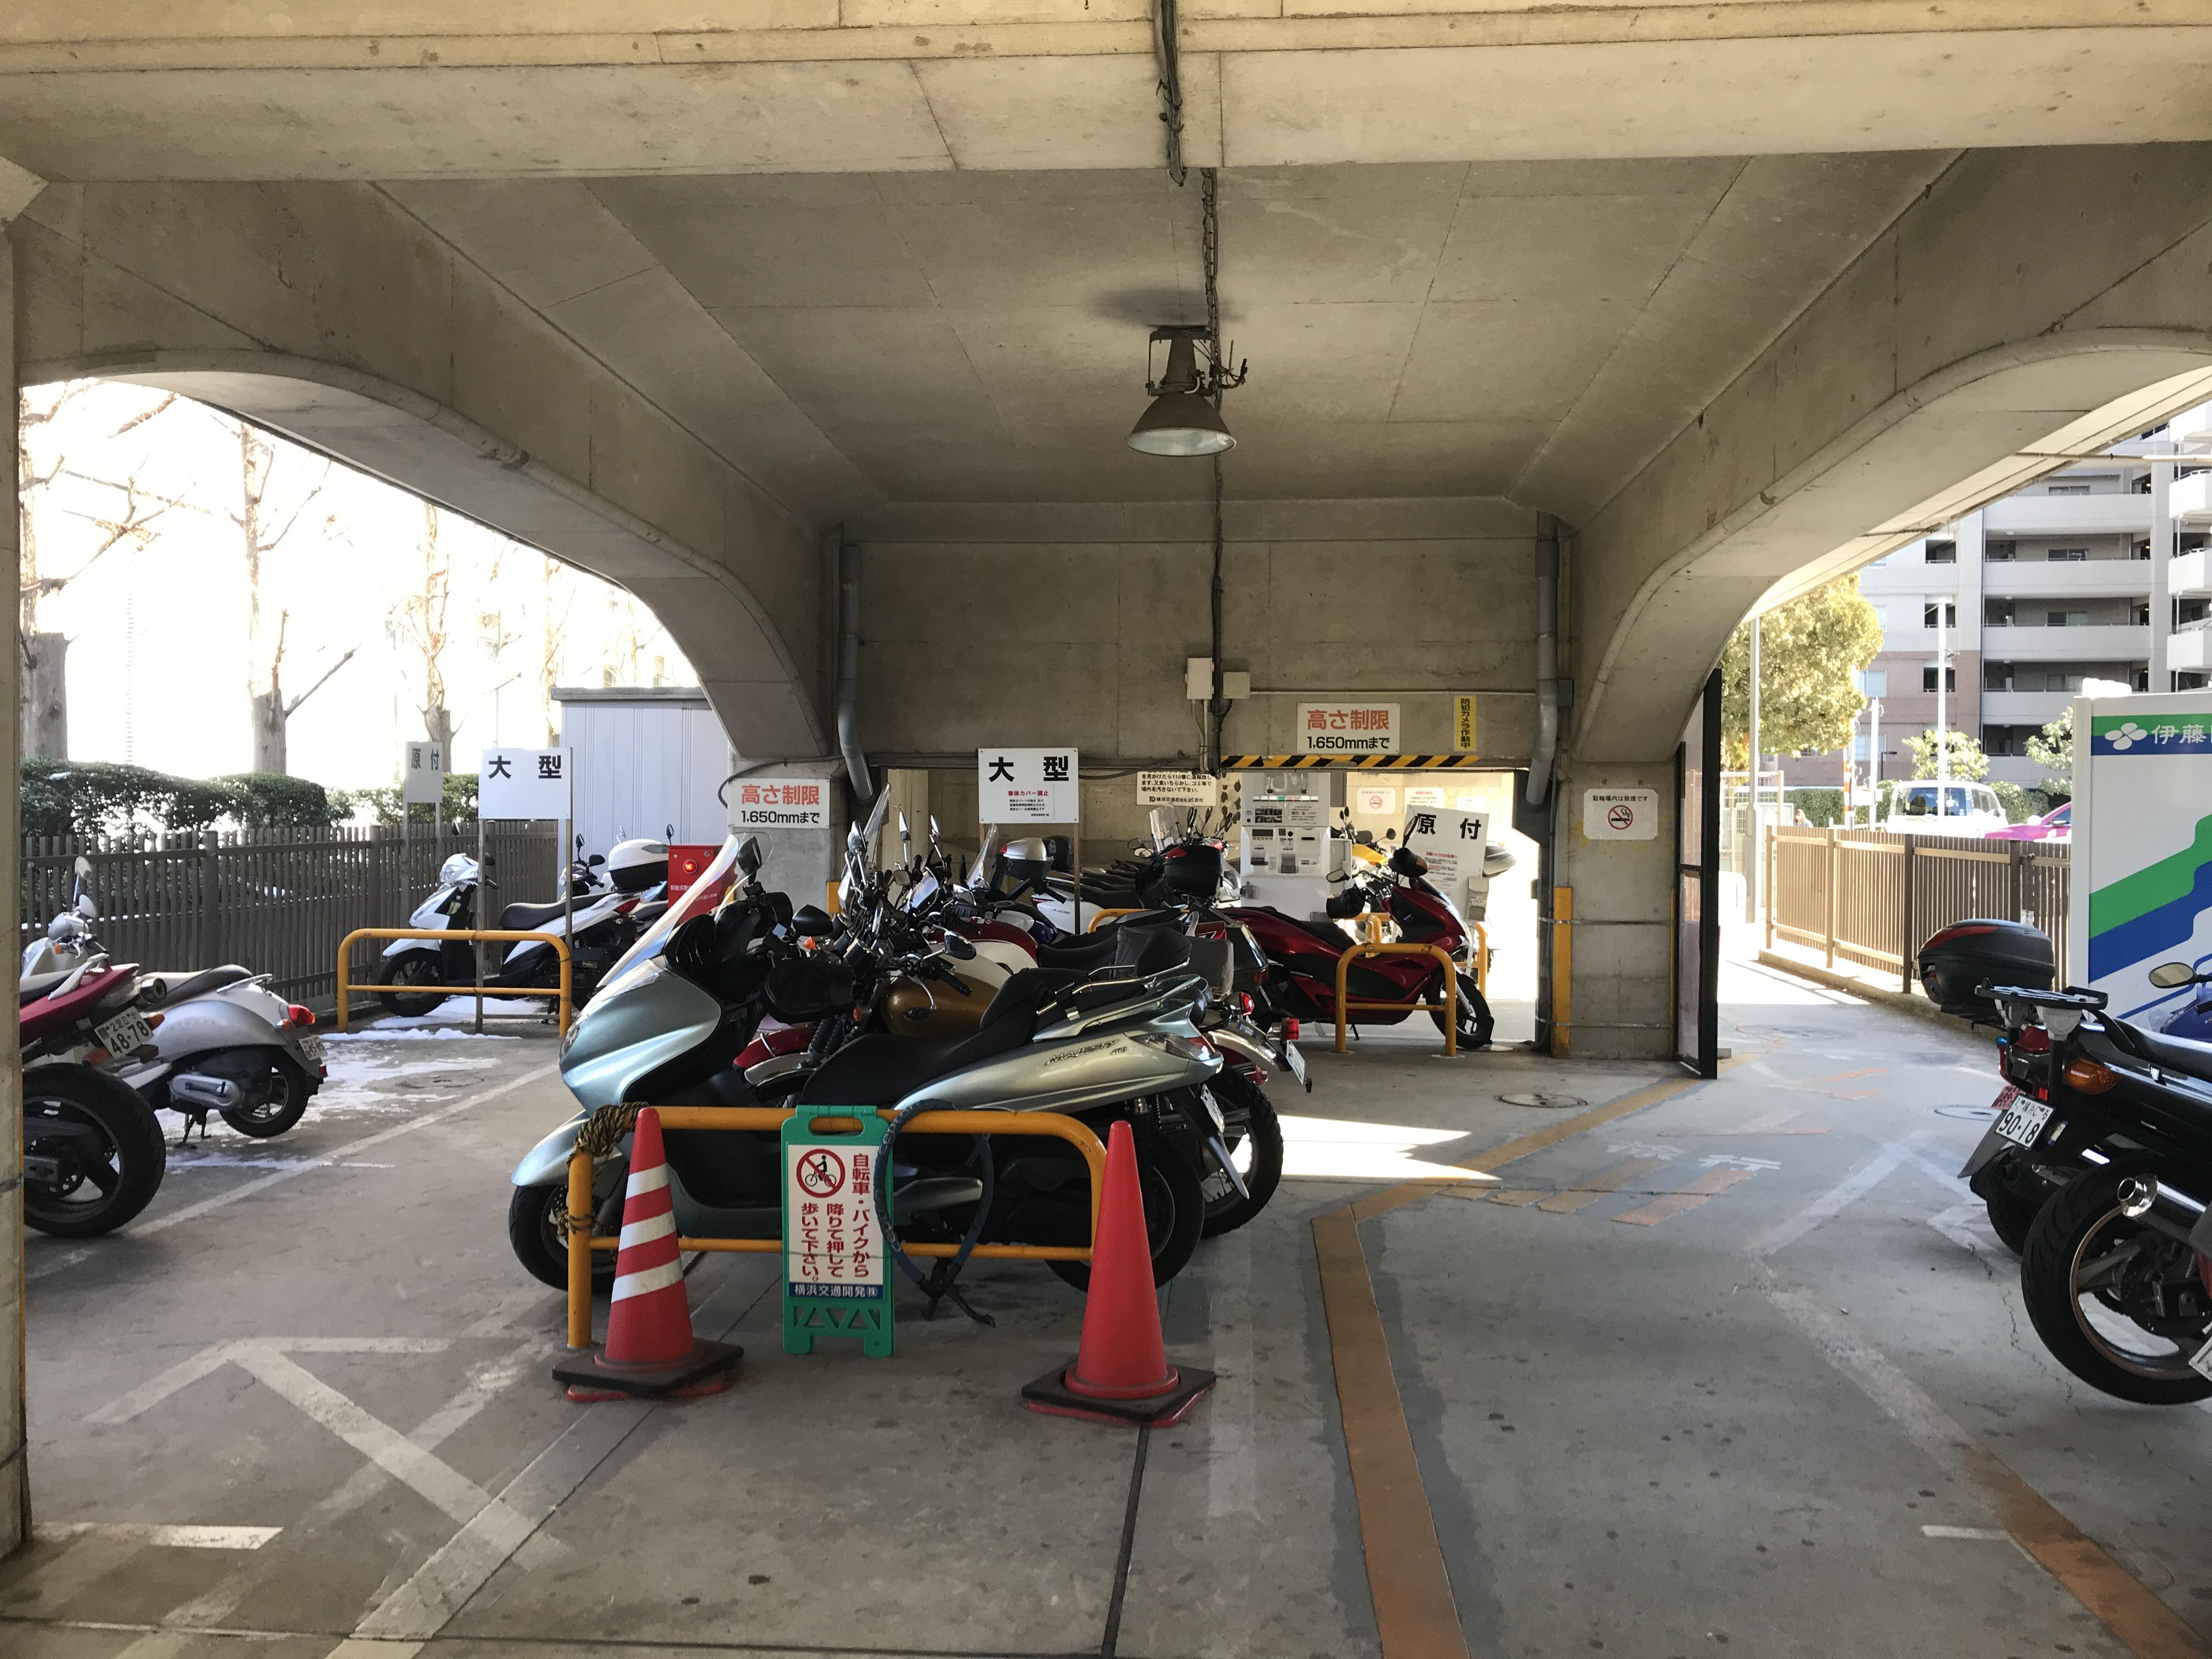 【公式】レンタルバイクのベストBike® [神奈川県]仲町台駅前-セルフ